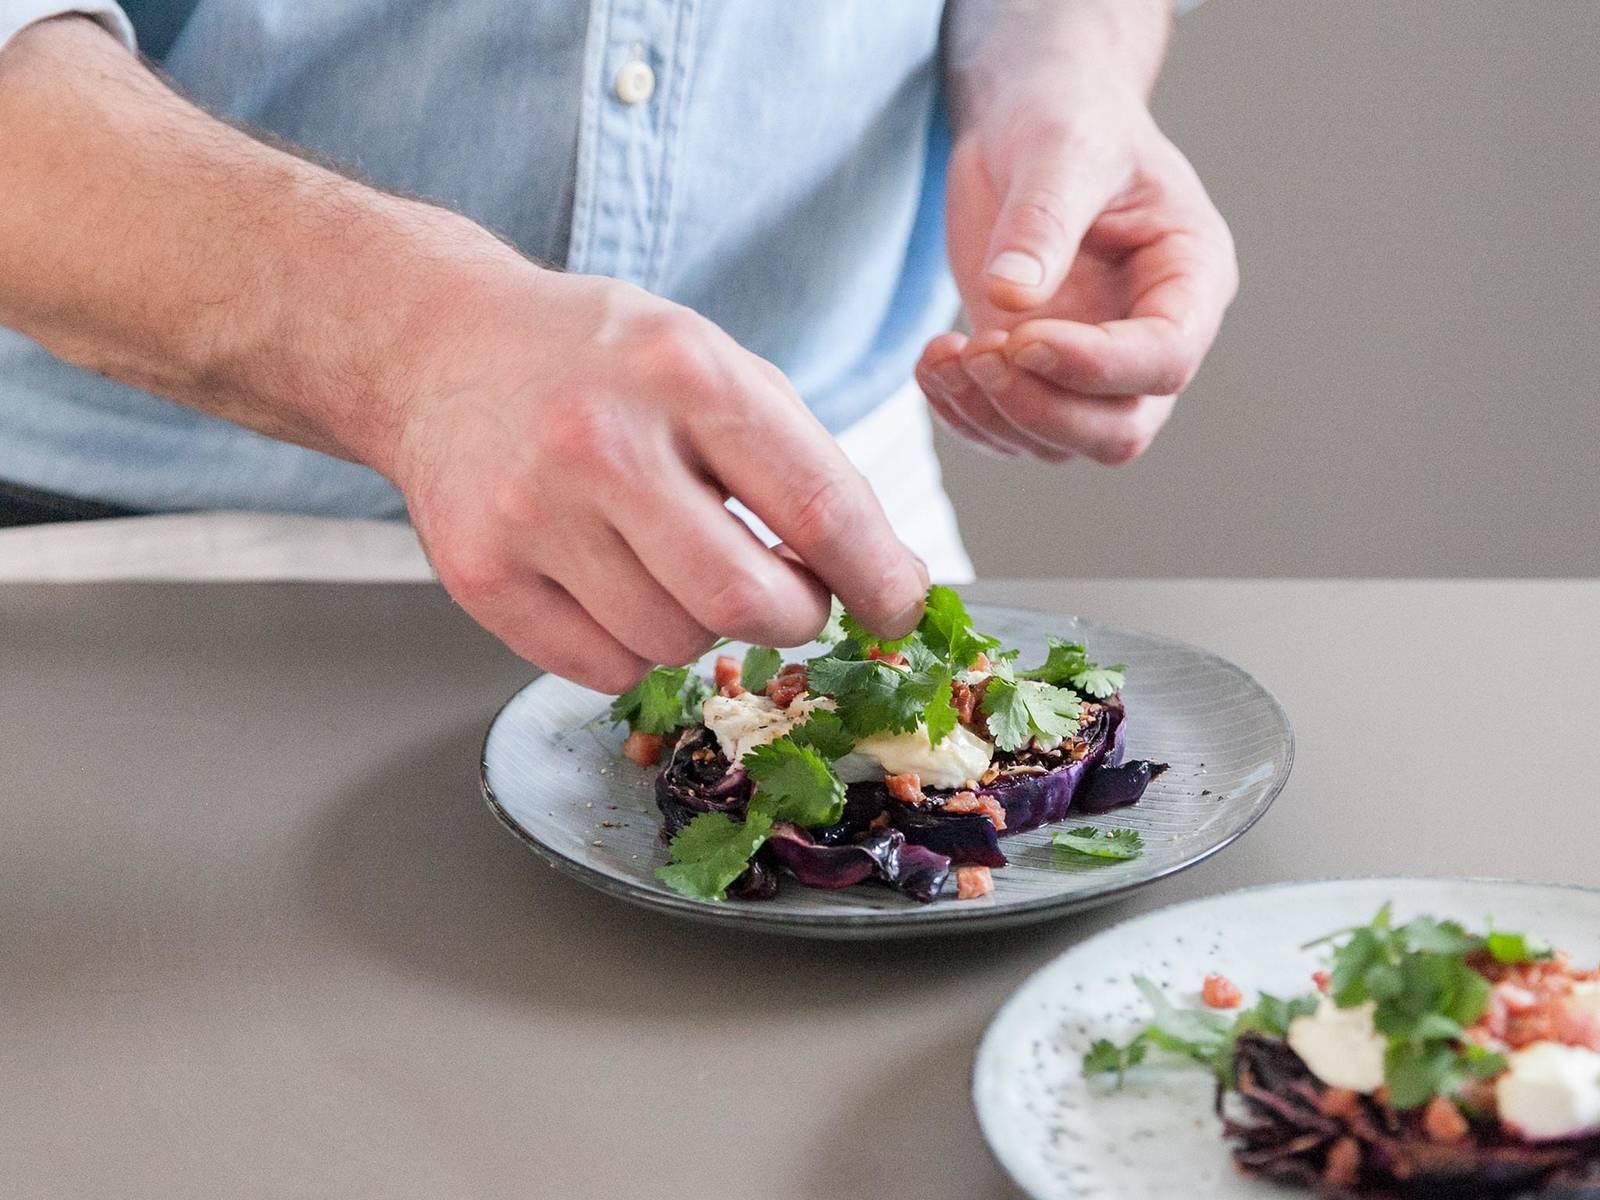 与此同时,中高火将培根丁煎脆。大略剁碎香菜。将培根丁和香菜撒在烤红叶卷心菜上享用,祝好胃口!